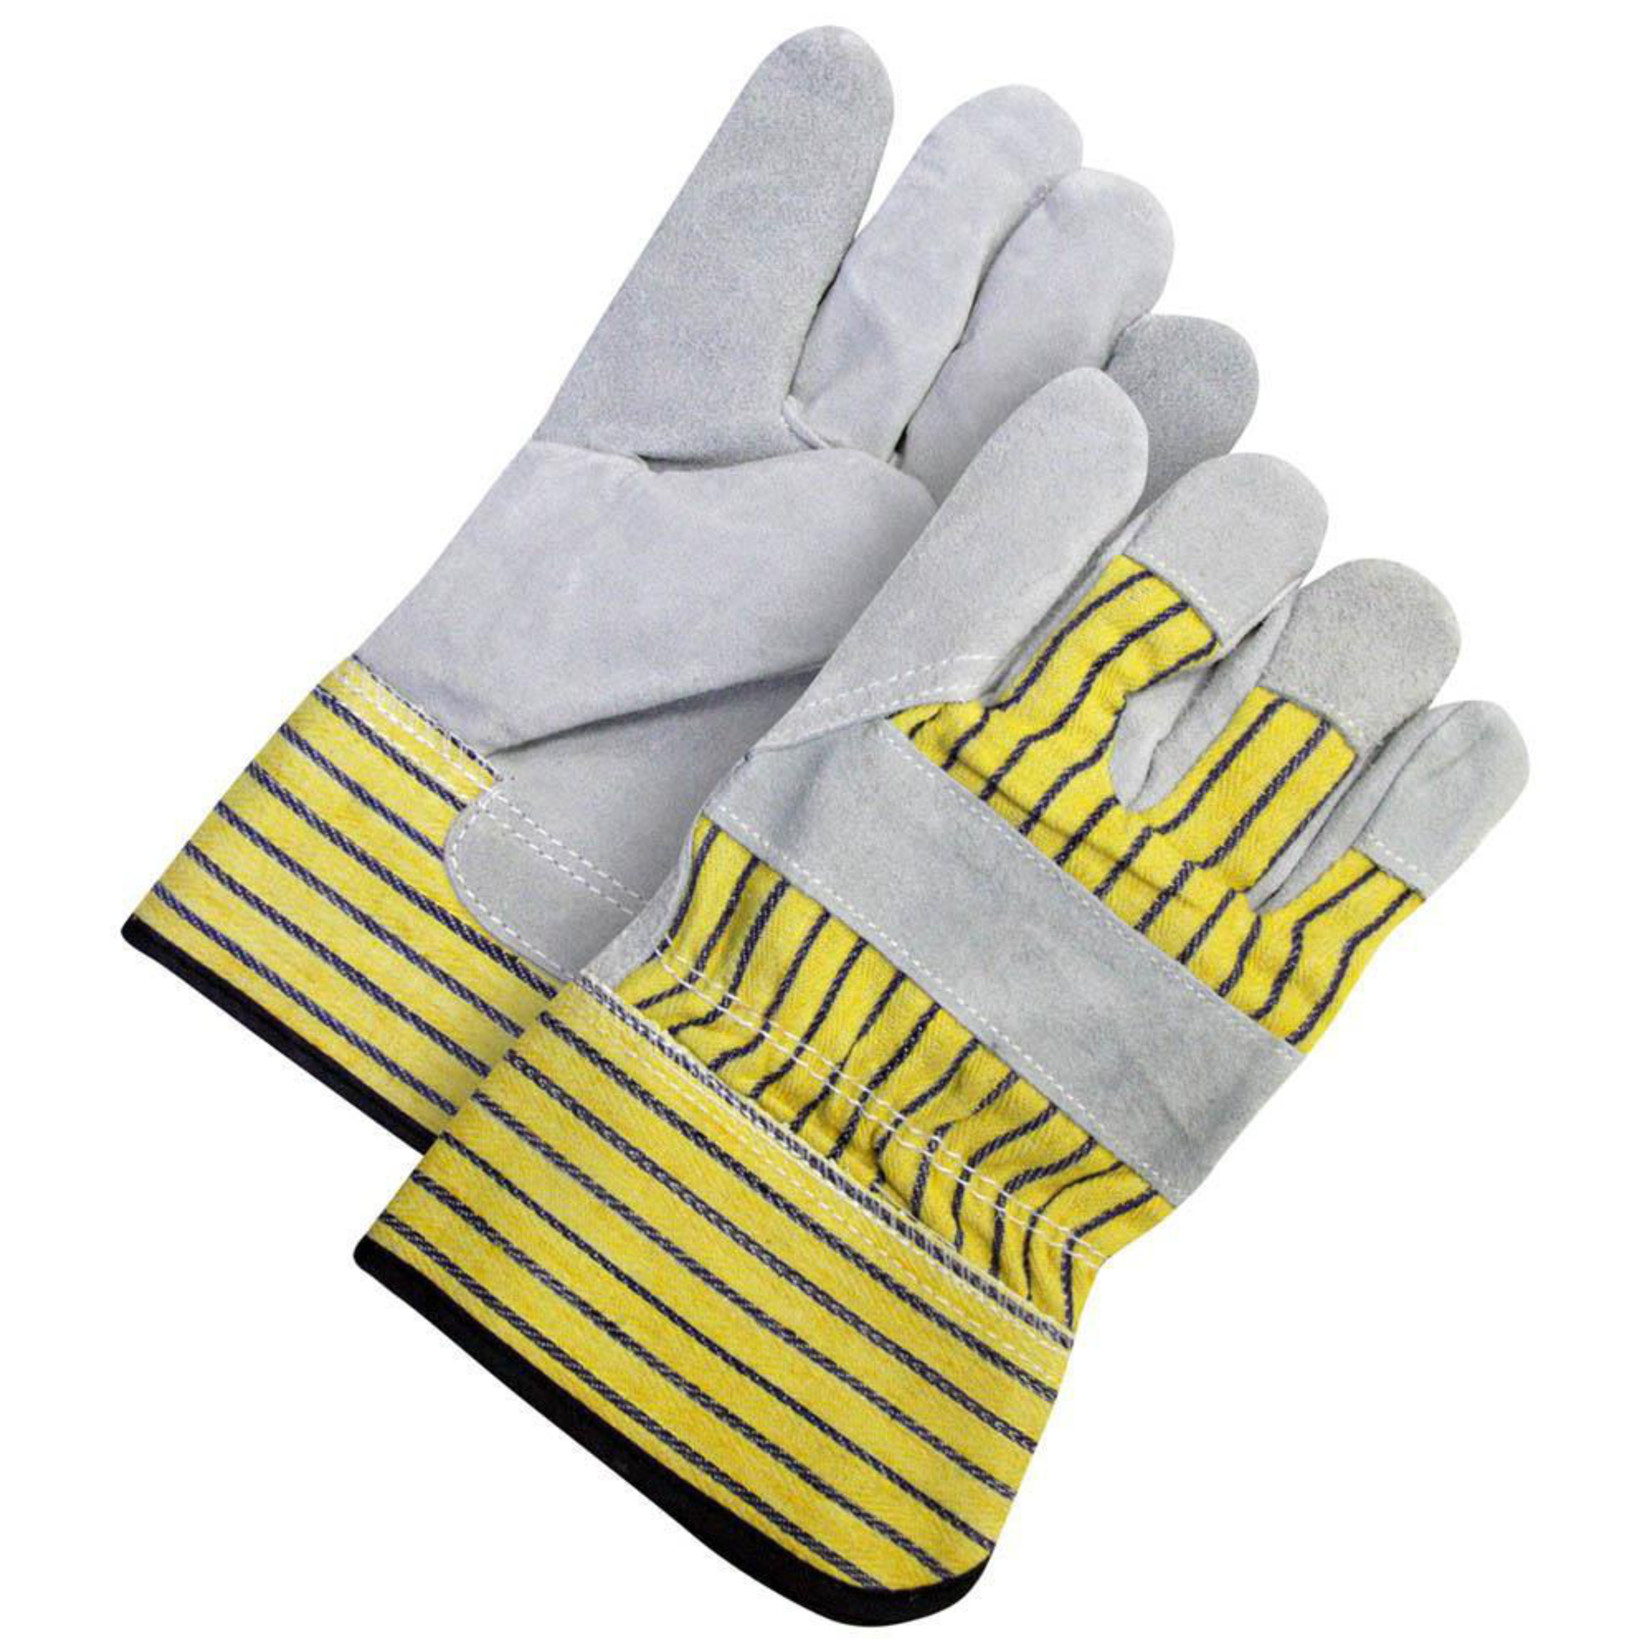 Bob dale gloves BDG Split Leather Cowhide Lined Gloves